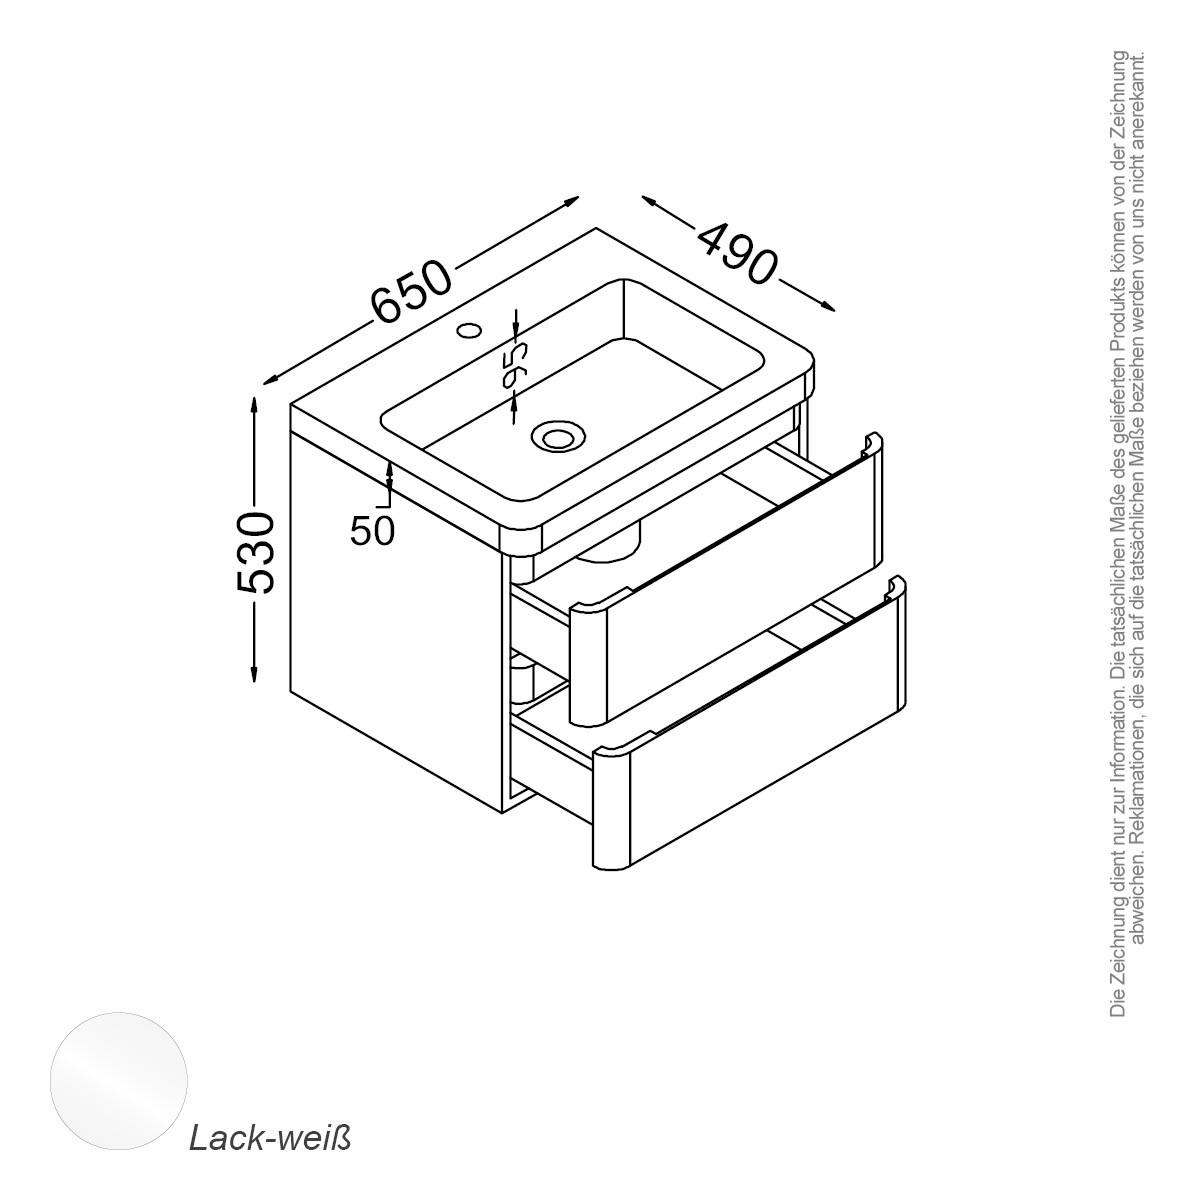 Berlin Waschtisch Set 65 Cm Weiss Bad Trends Badmobel Onlineshop